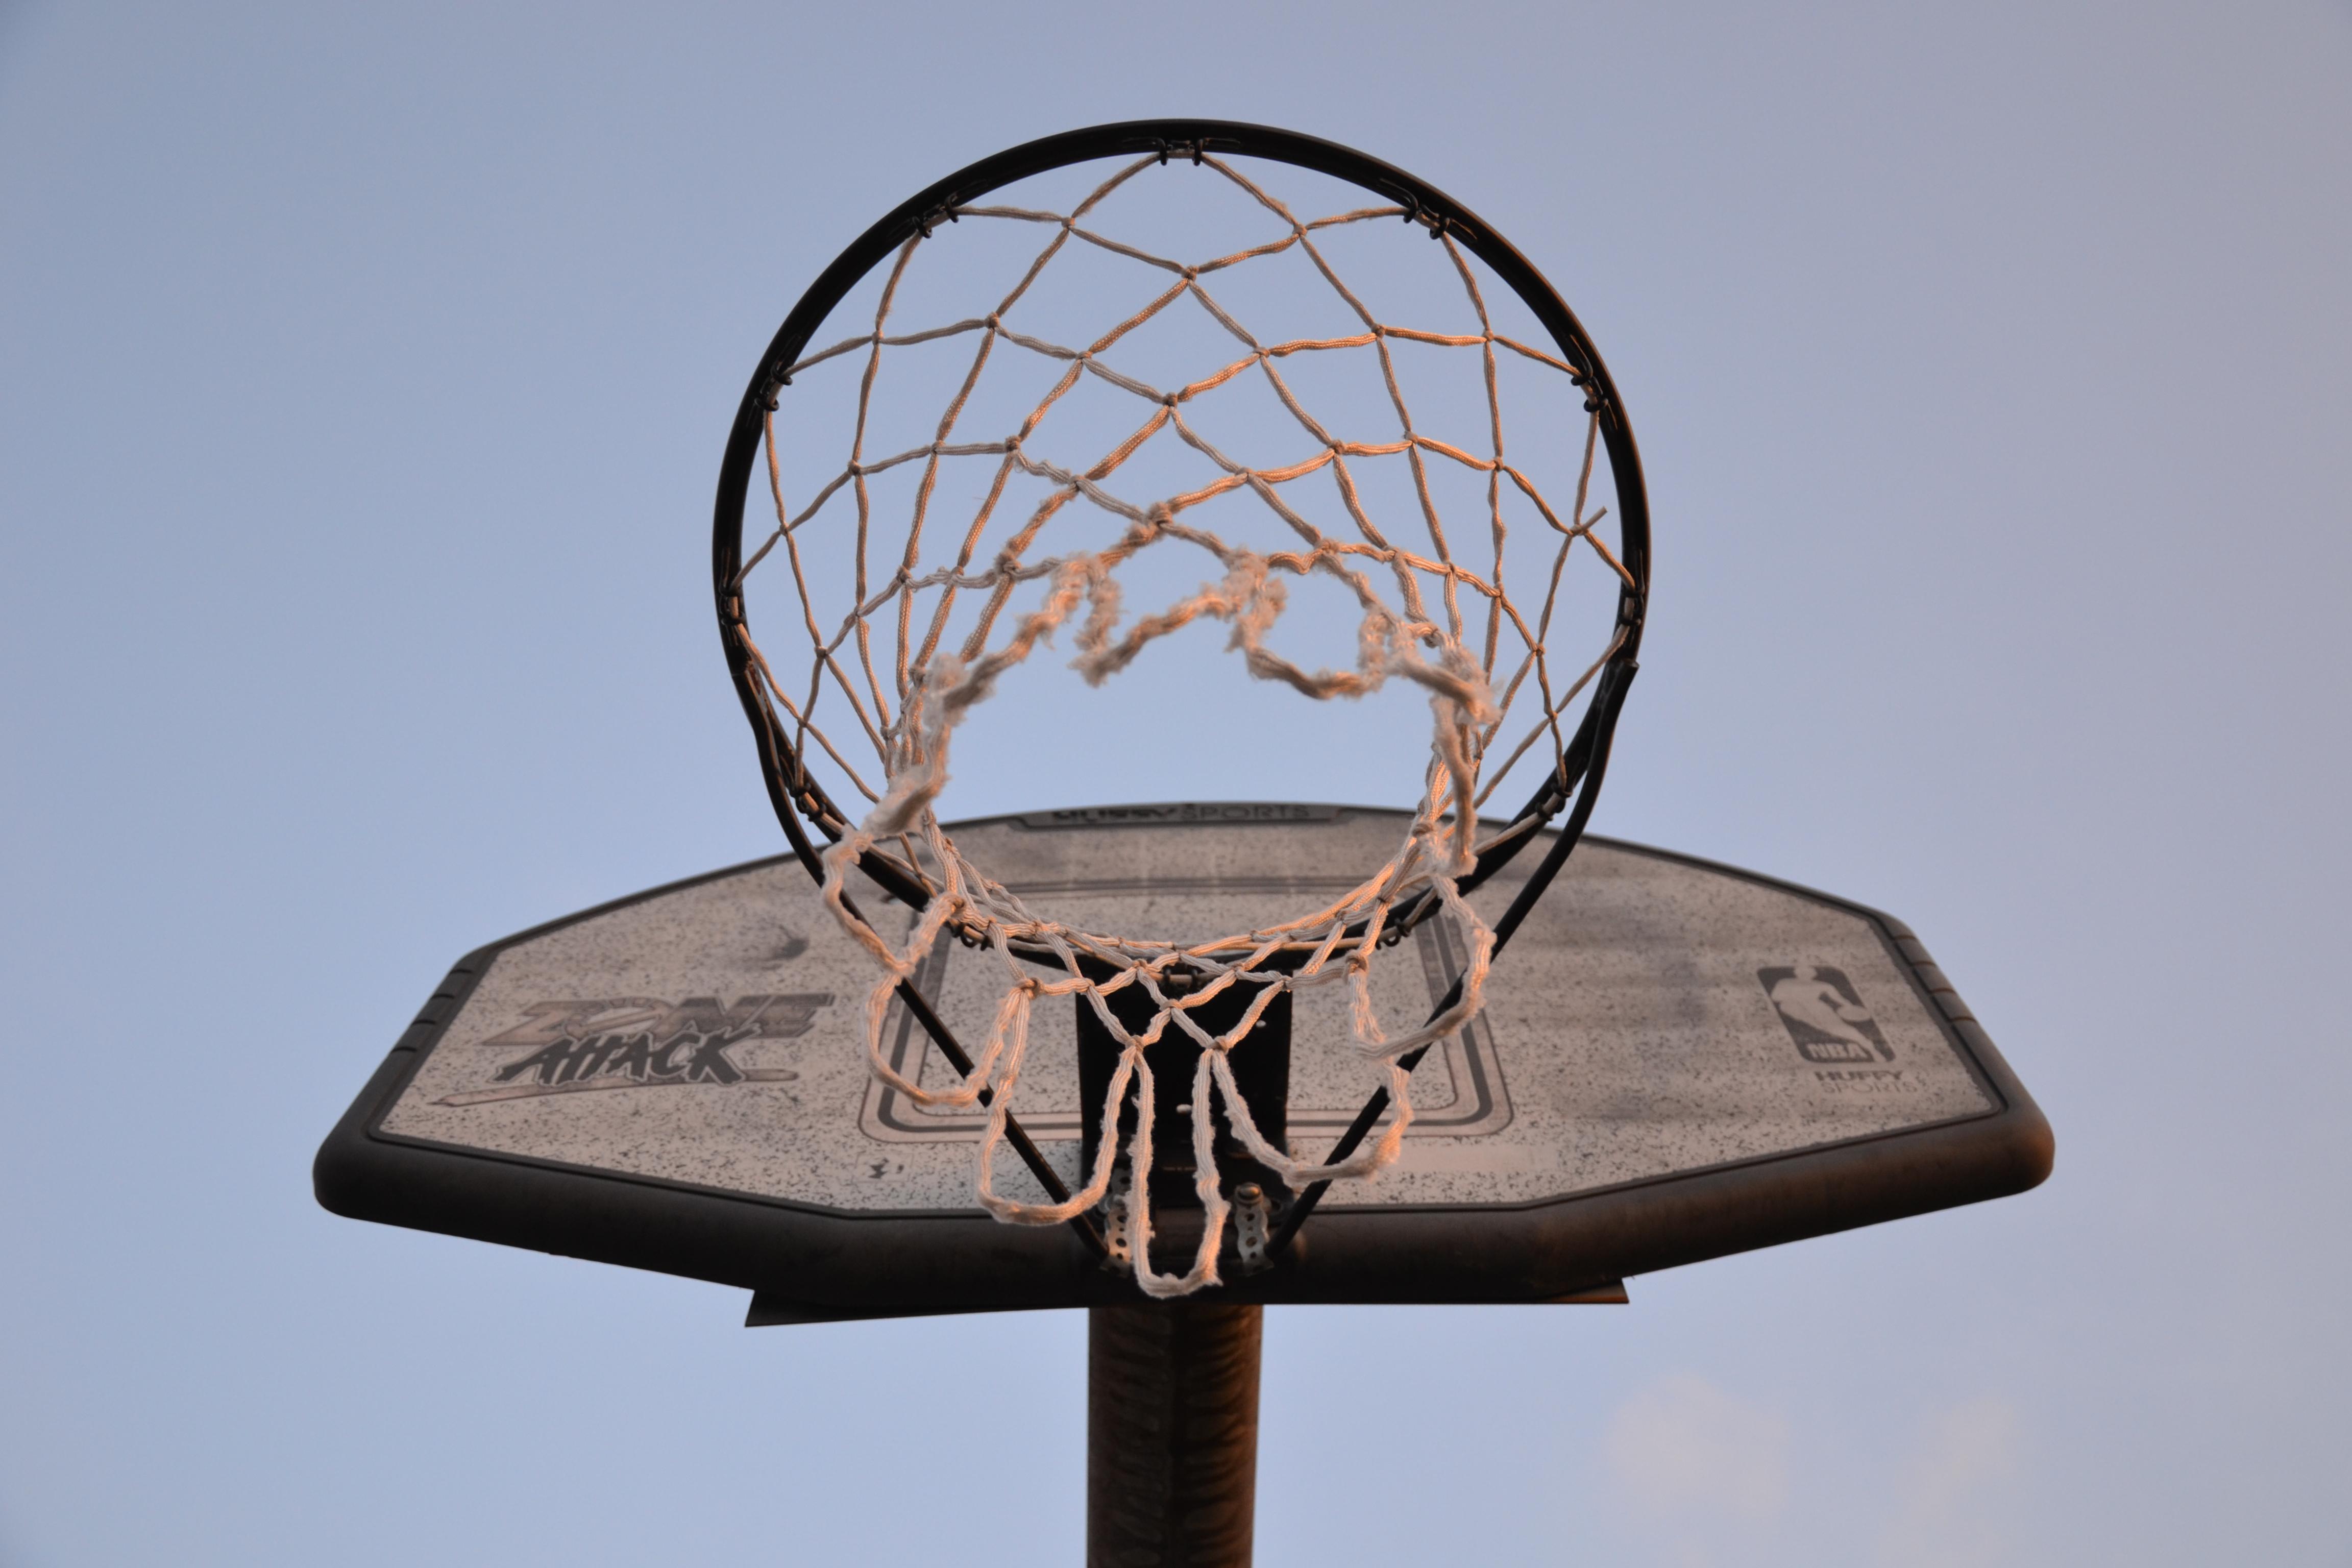 Ảnh bóng rổ đẹp, nghệ thuật